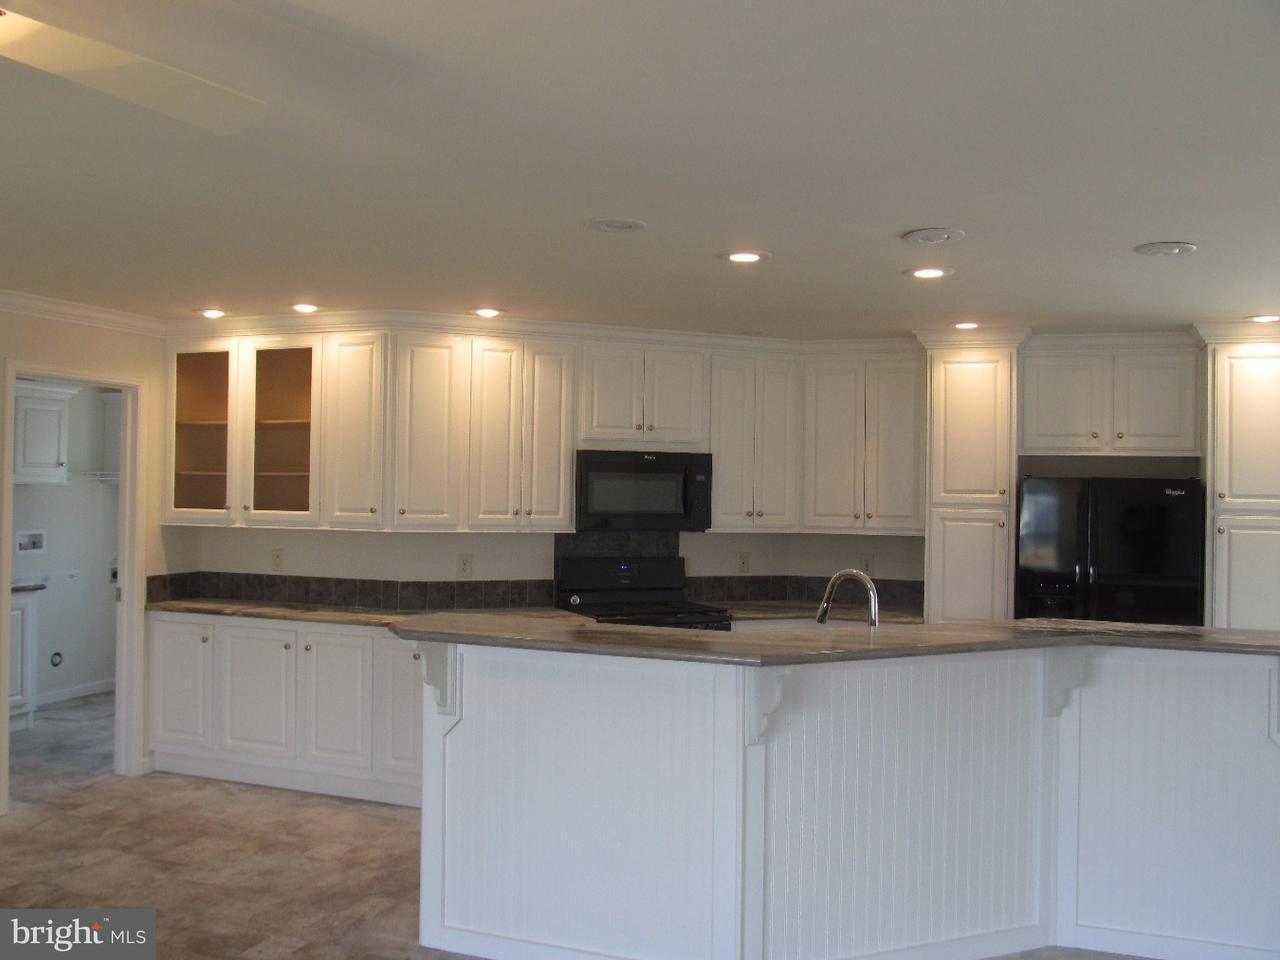 Частный односемейный дом для того Продажа на 2 REDWOOD Lane Weymouth, Нью-Джерси 08330 Соединенные Штаты